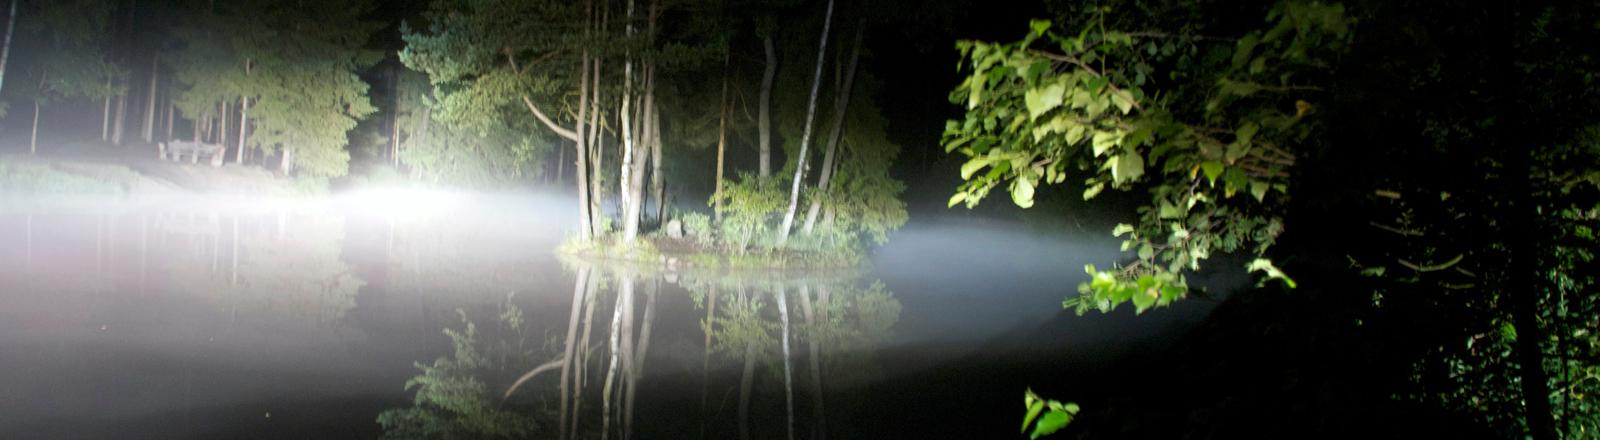 Ein kleiner See im Wald bei Nacht, der in mystisches Licht getaucht ist.